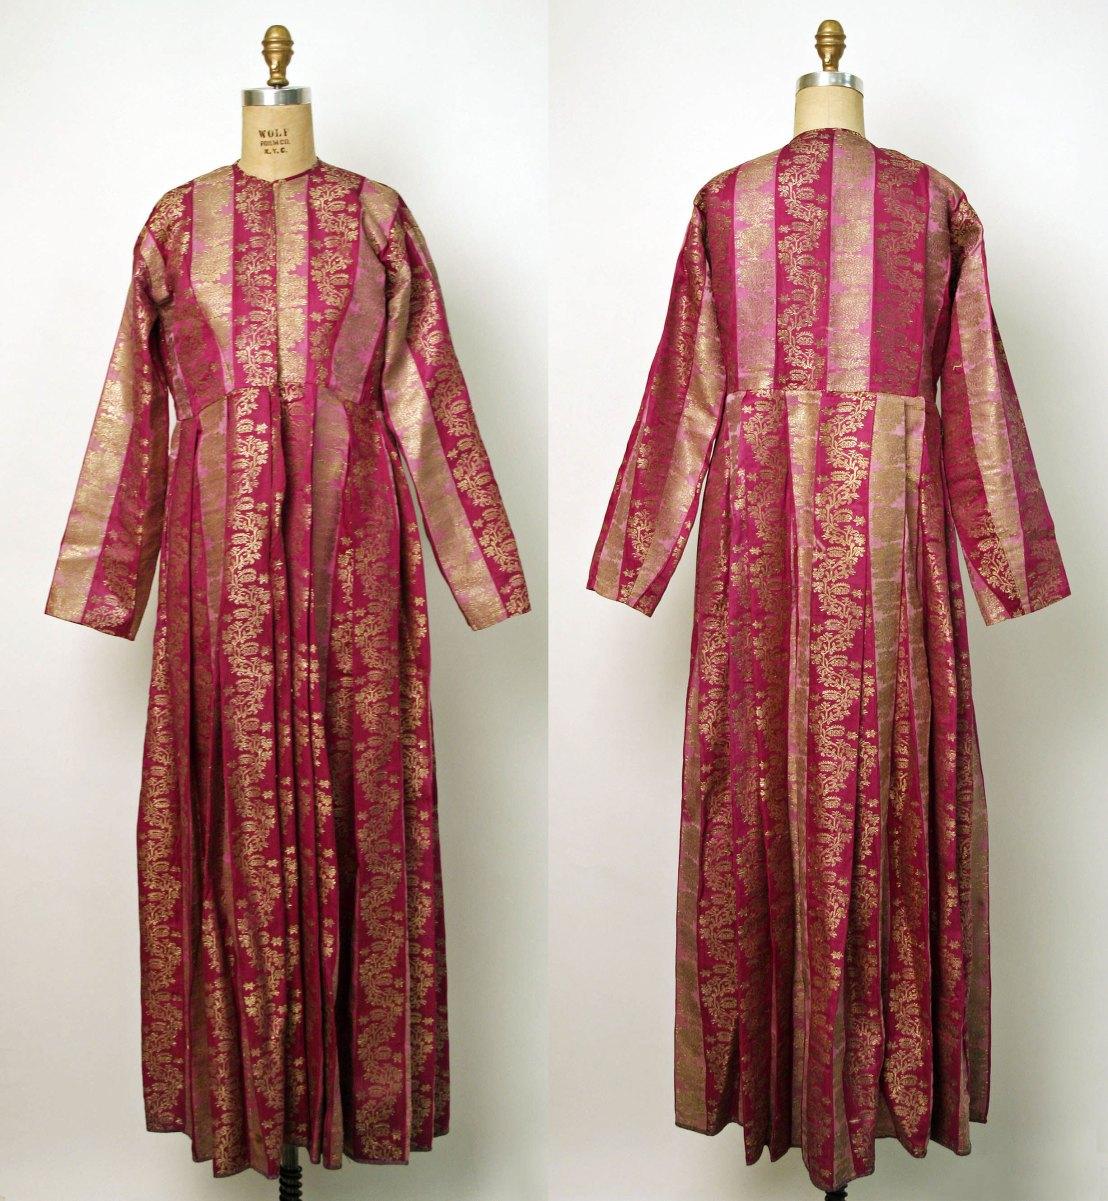 Armenian garment, late 19th century, silk and metal - Metropolitan Museum of Art